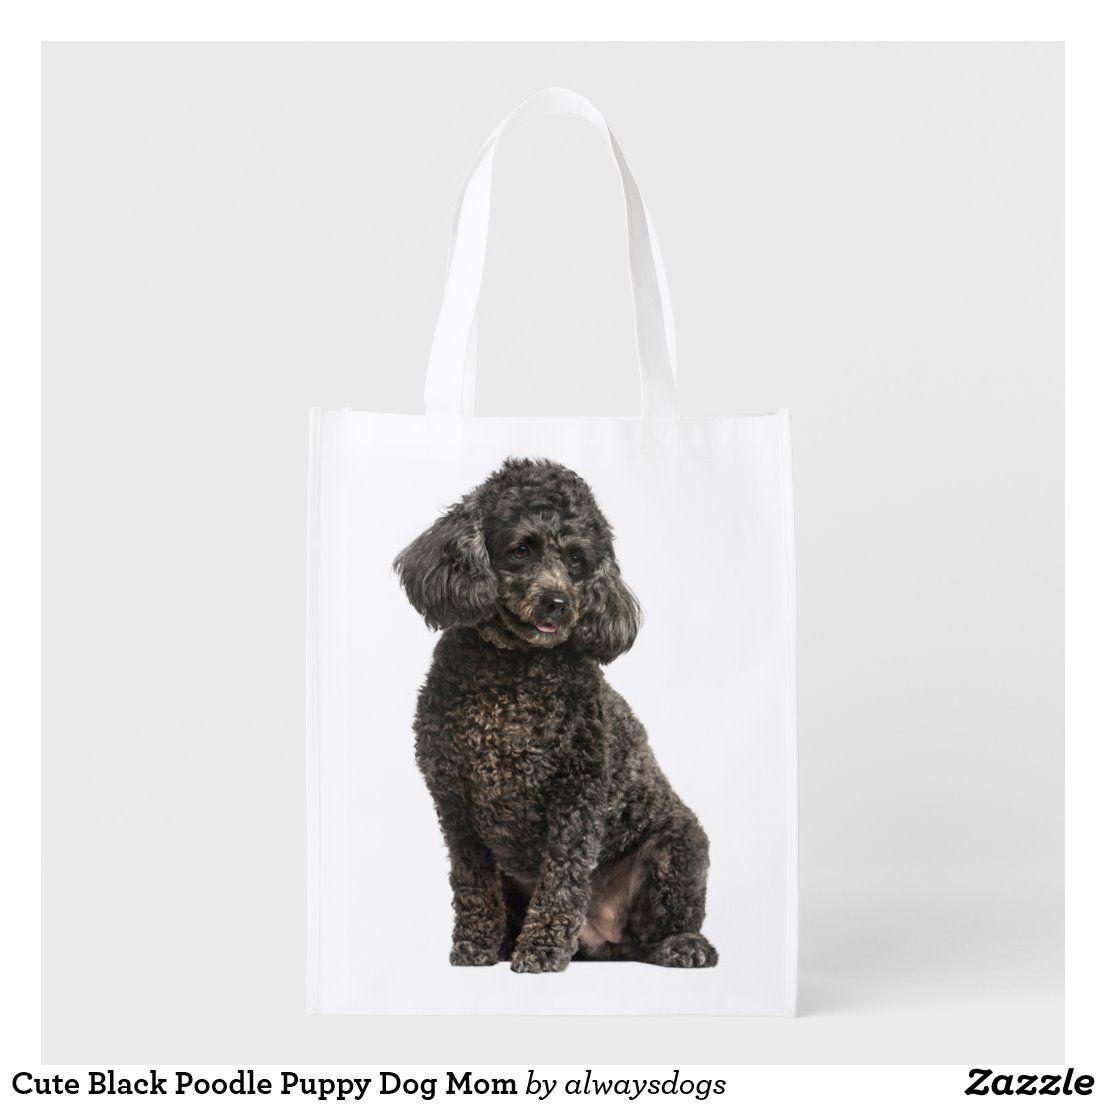 Cute Black Poodle Puppy Dog Mom Grocery Bag  #blackpoodle #blackpoodles #poodletotebag #poodletote #poodlelover #poodlelovers #poodlemom #miniaturepoodle #miniatureblackpoodle #miniaturepoodlepuppy #cutepoodle #cutedog #cutepuppy #alwaysdogs #puppyexpressions